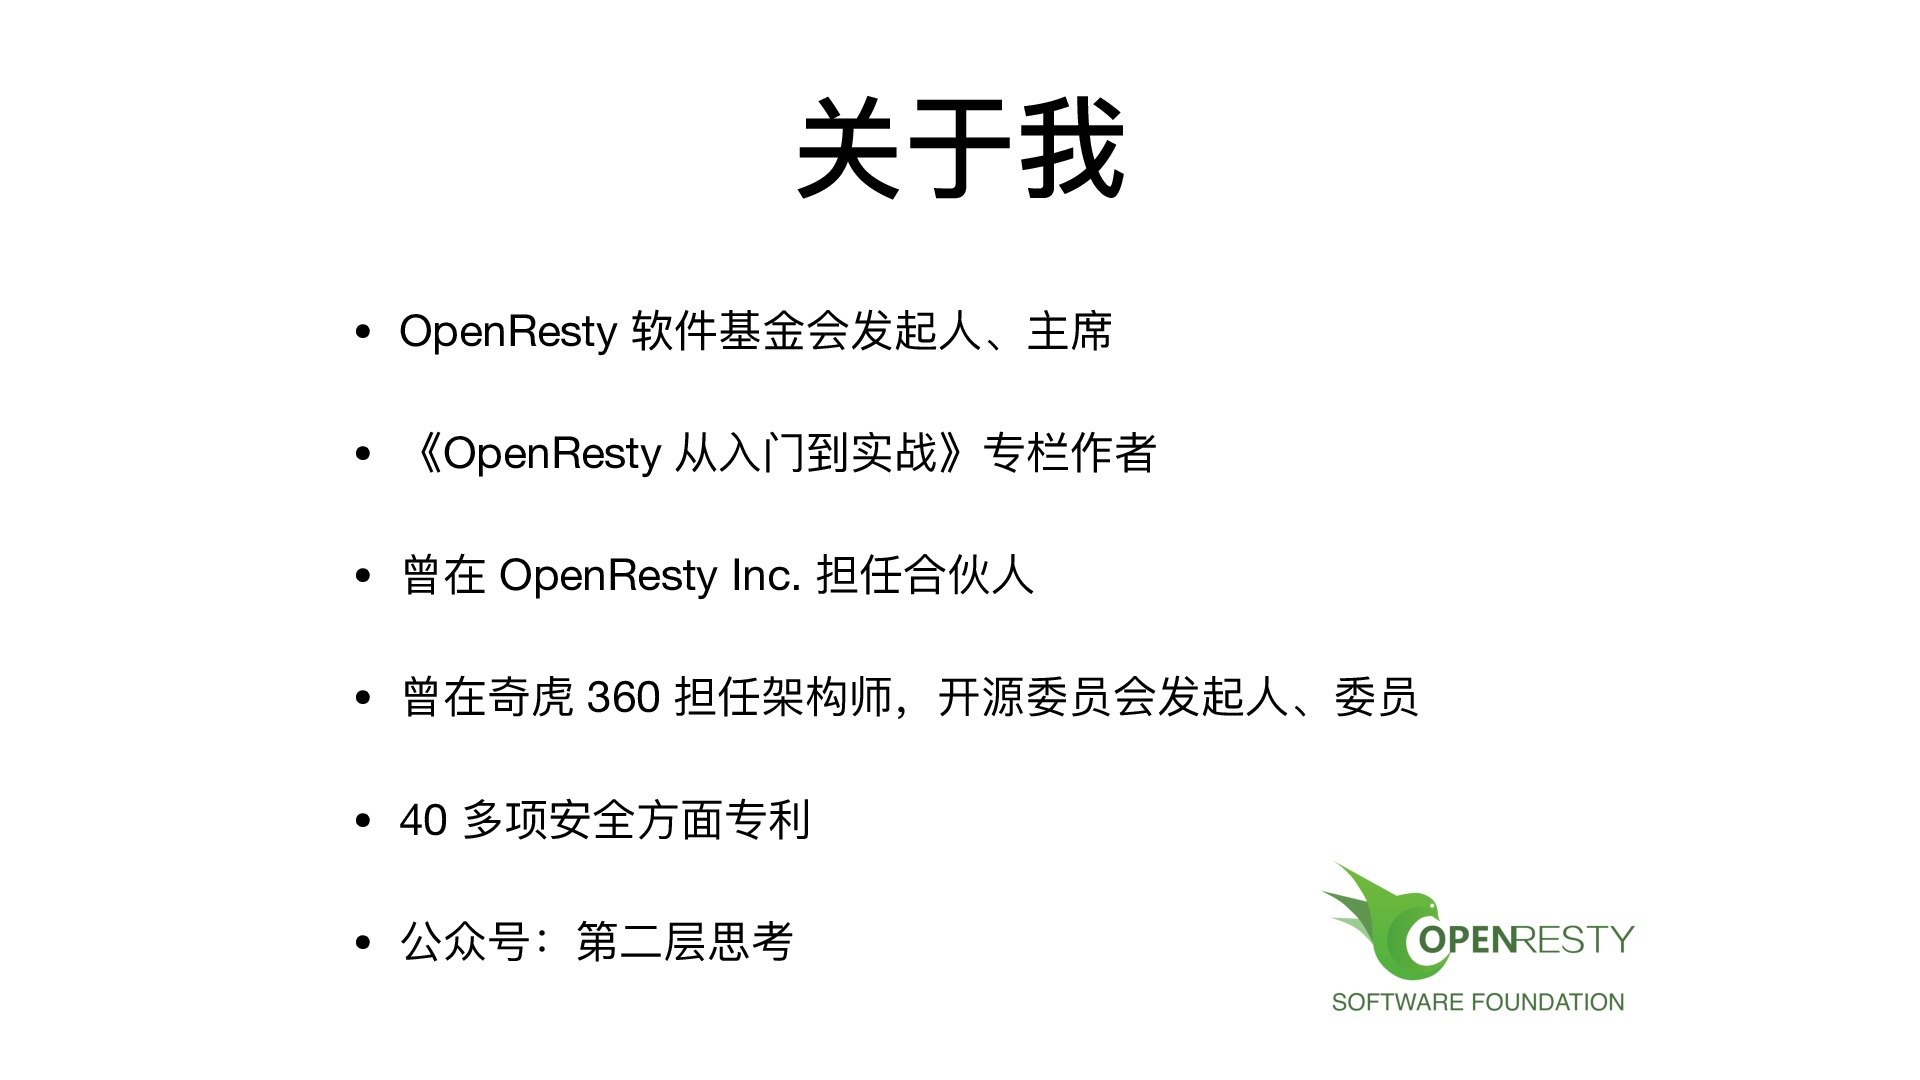 https://opentalk-blog.b0.upaiyun.com/prod/2019-07-18/7466ae9cc43a4c2ae2686edfafd06492